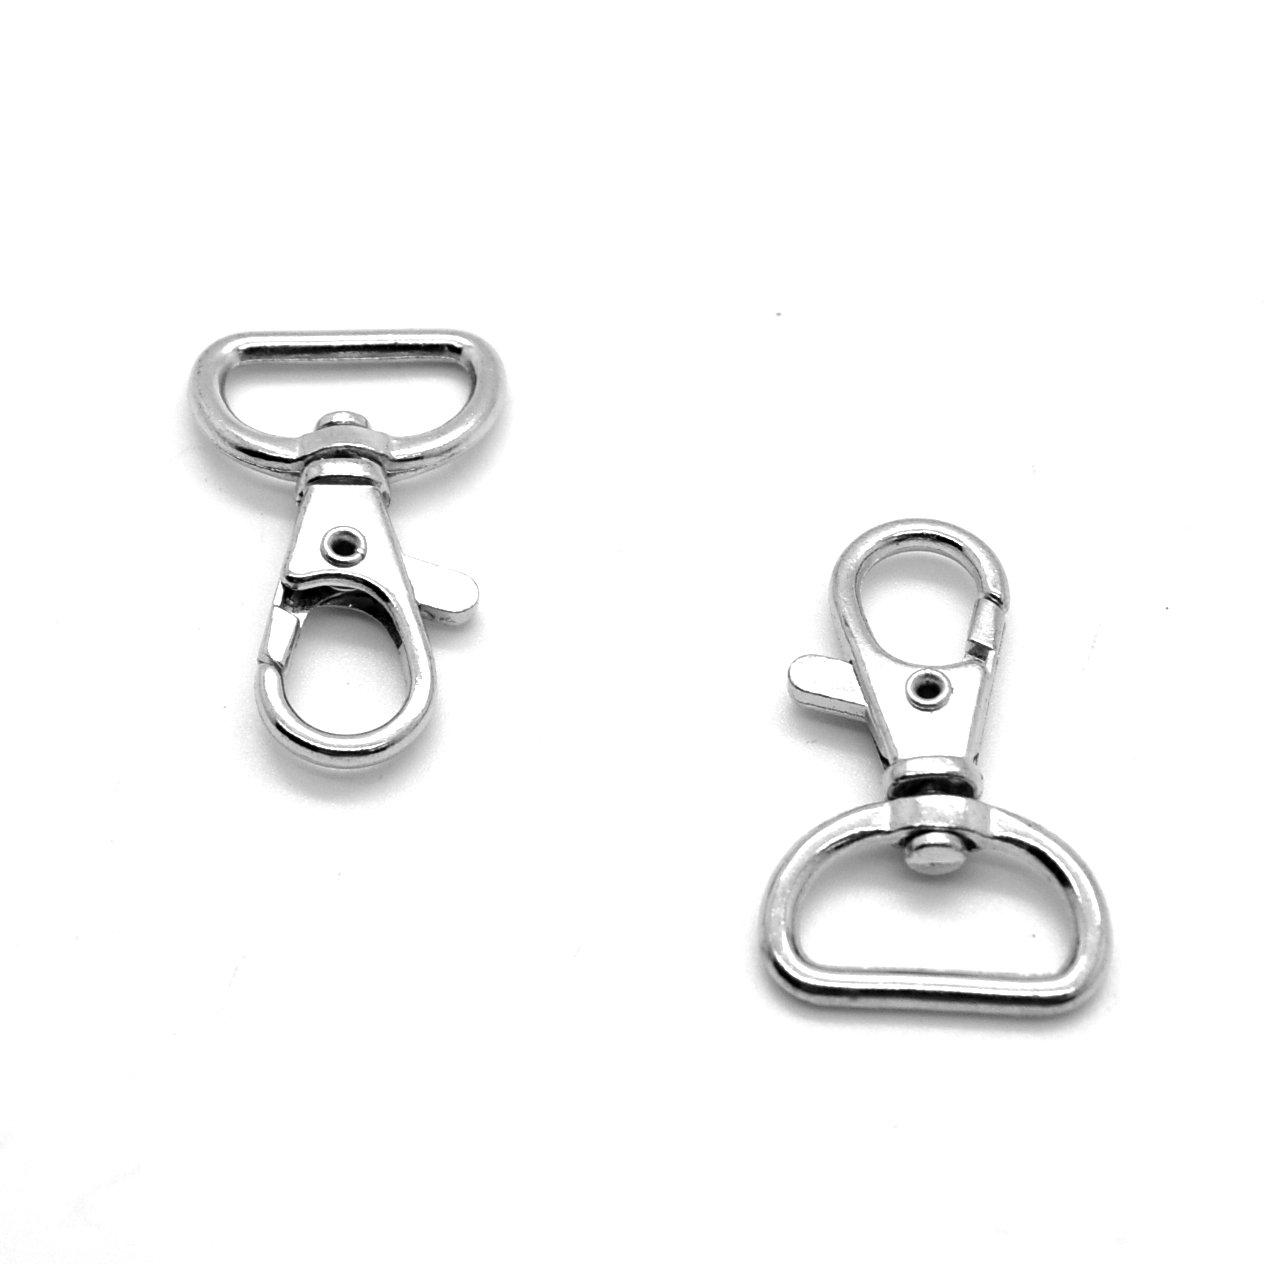 20mm Metal Bag Swivel Trigger Clips Snap Hook Dog Lead Webbing Strap Tape (1) Sola